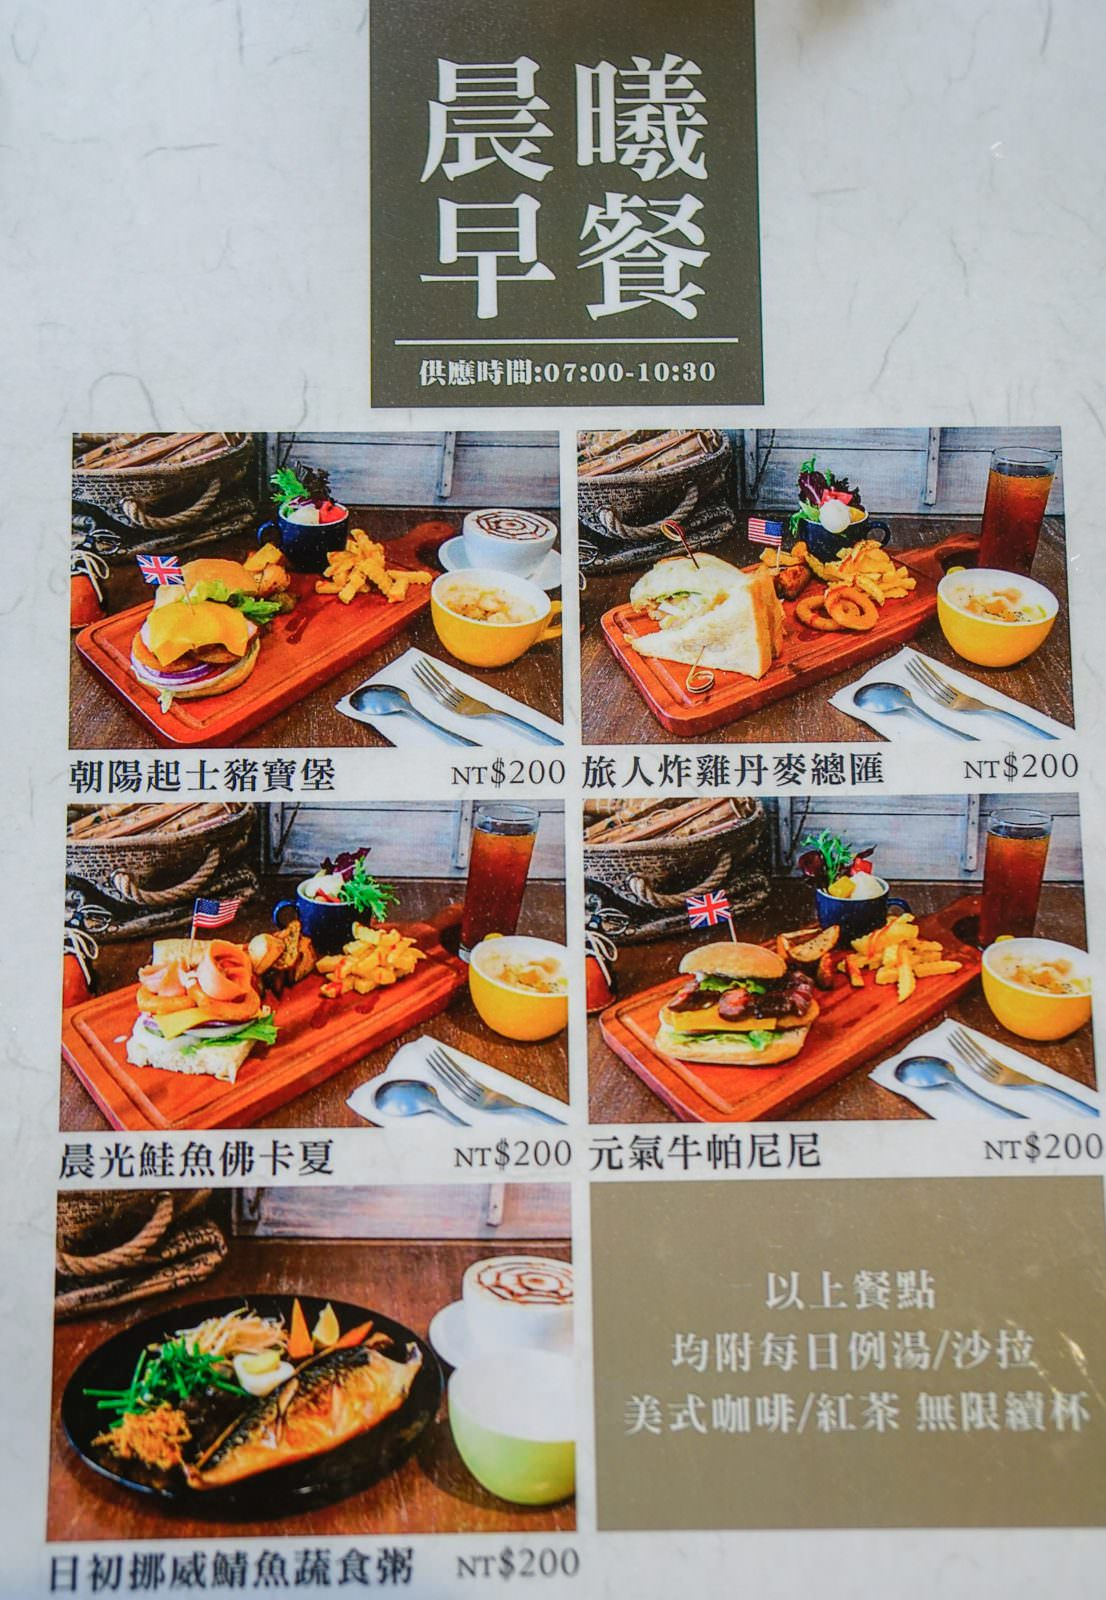 [高雄]世奇文創餐廳-200均一價超澎湃早午餐 氣氛好藝術壁畫餐廳 高雄早午餐推薦 @美食好芃友